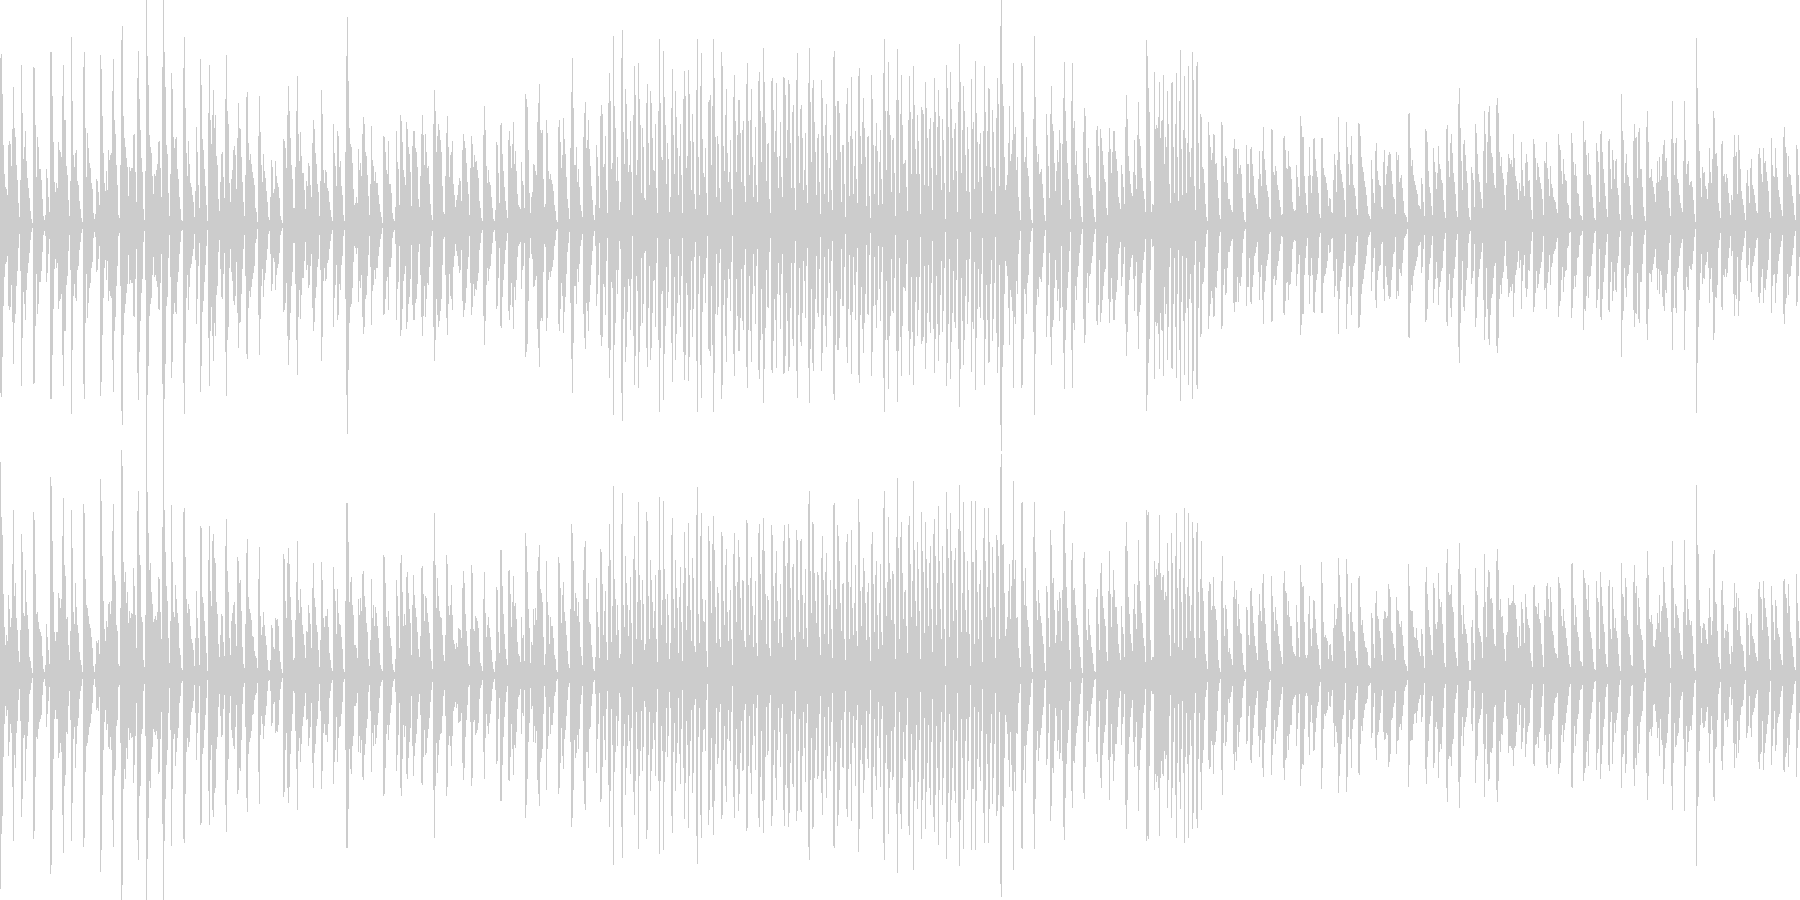 わくわく原始的ミュージック(ループ仕様)の未再生の波形